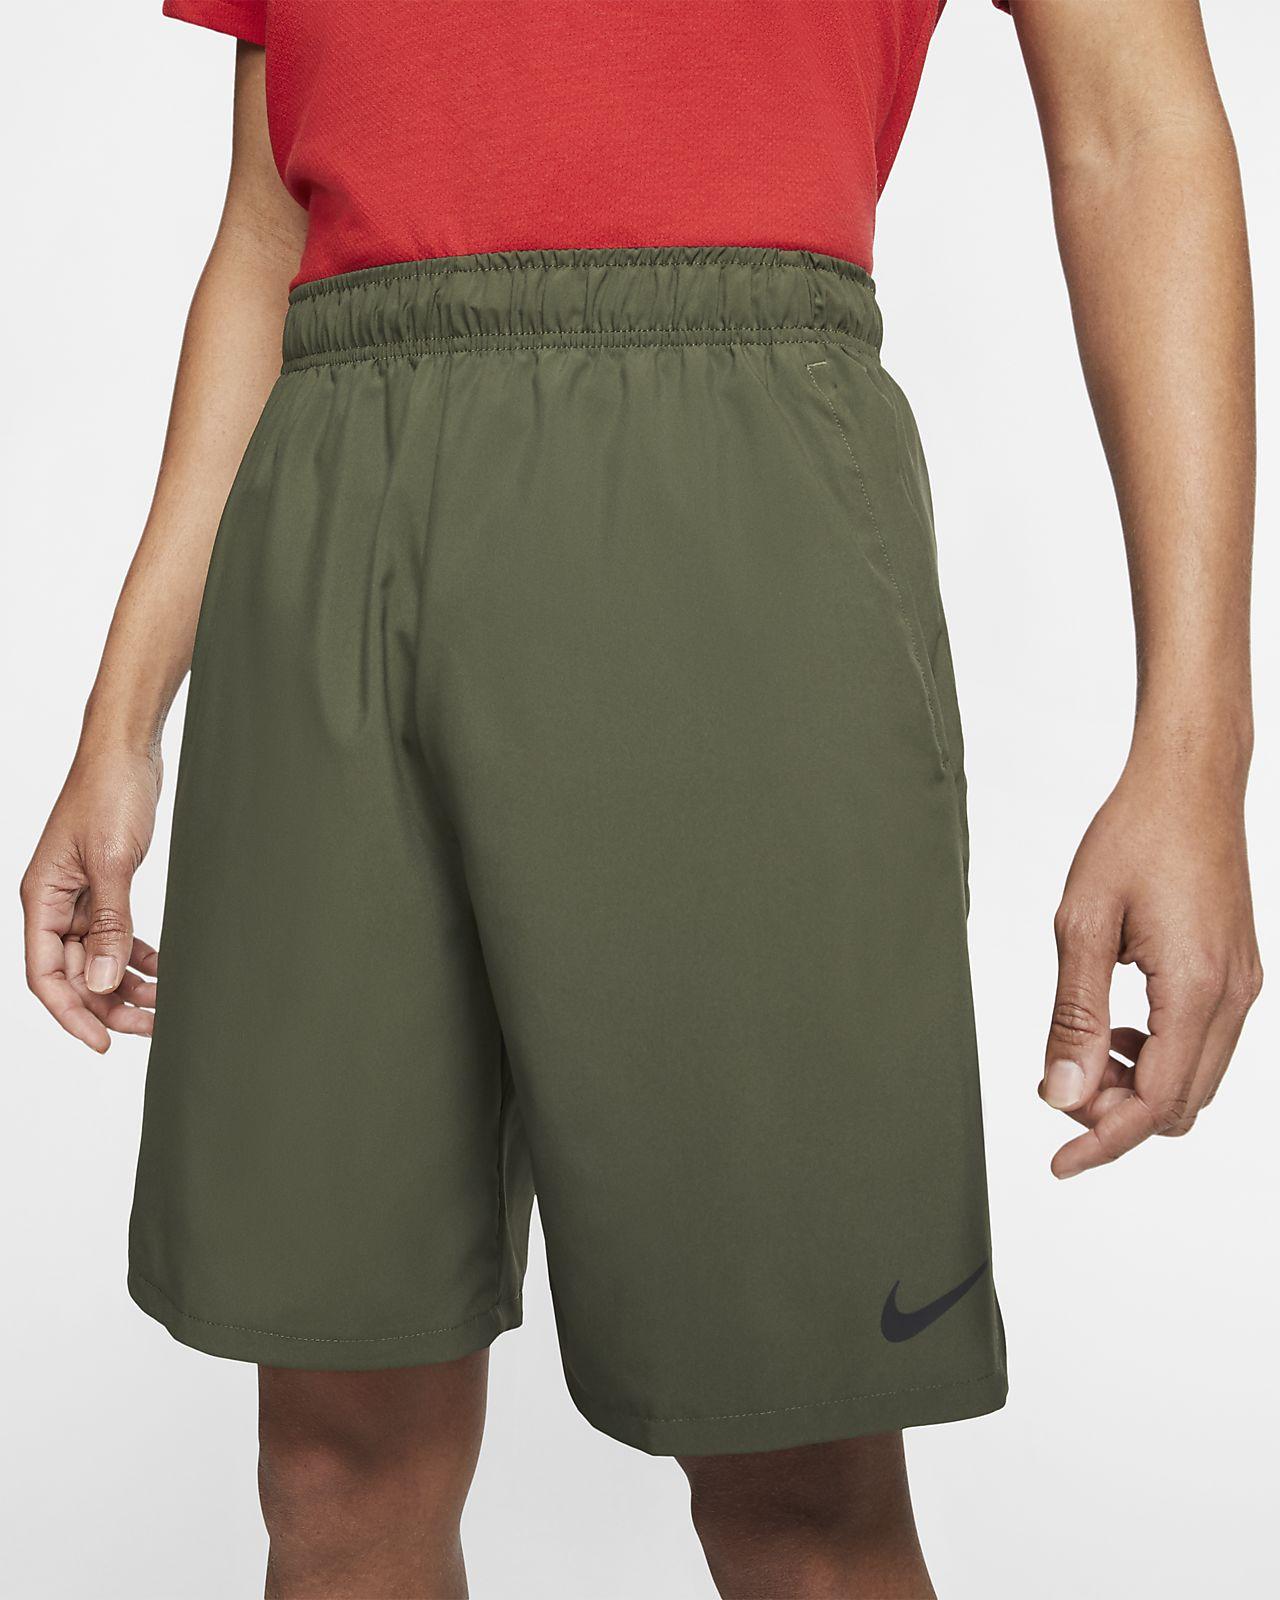 Мужские шорты из тканого материала для тренинга Nike Flex